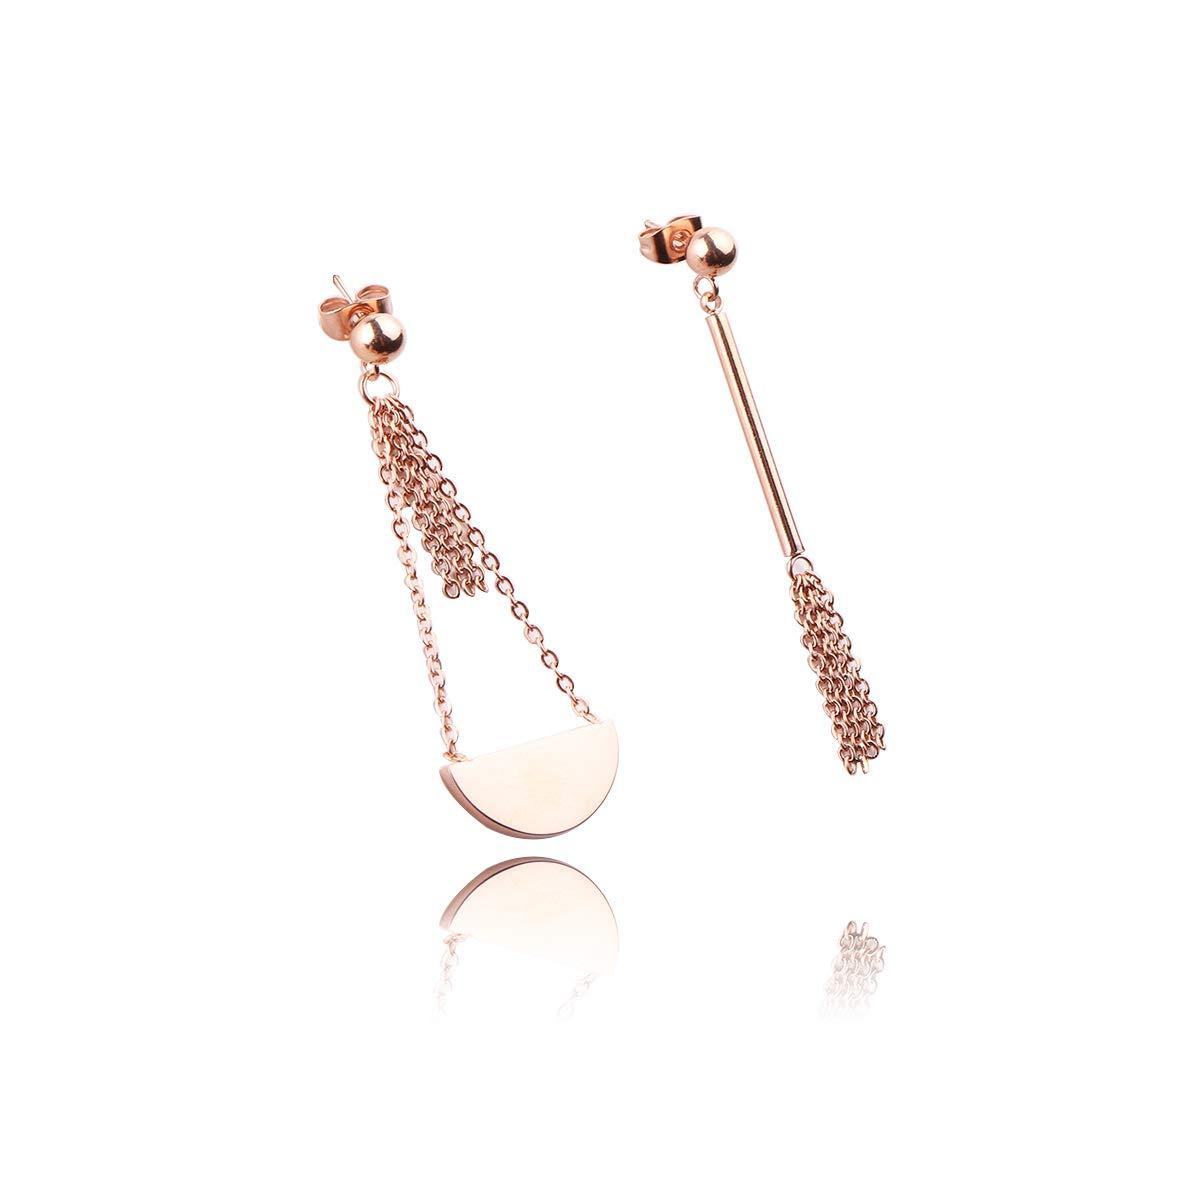 REEBOOOR Shield Paddle Earring Tassels Stud Earrings 18K Rose Gold Geometric Multi-Layer Drop Dangle Statement Earrings